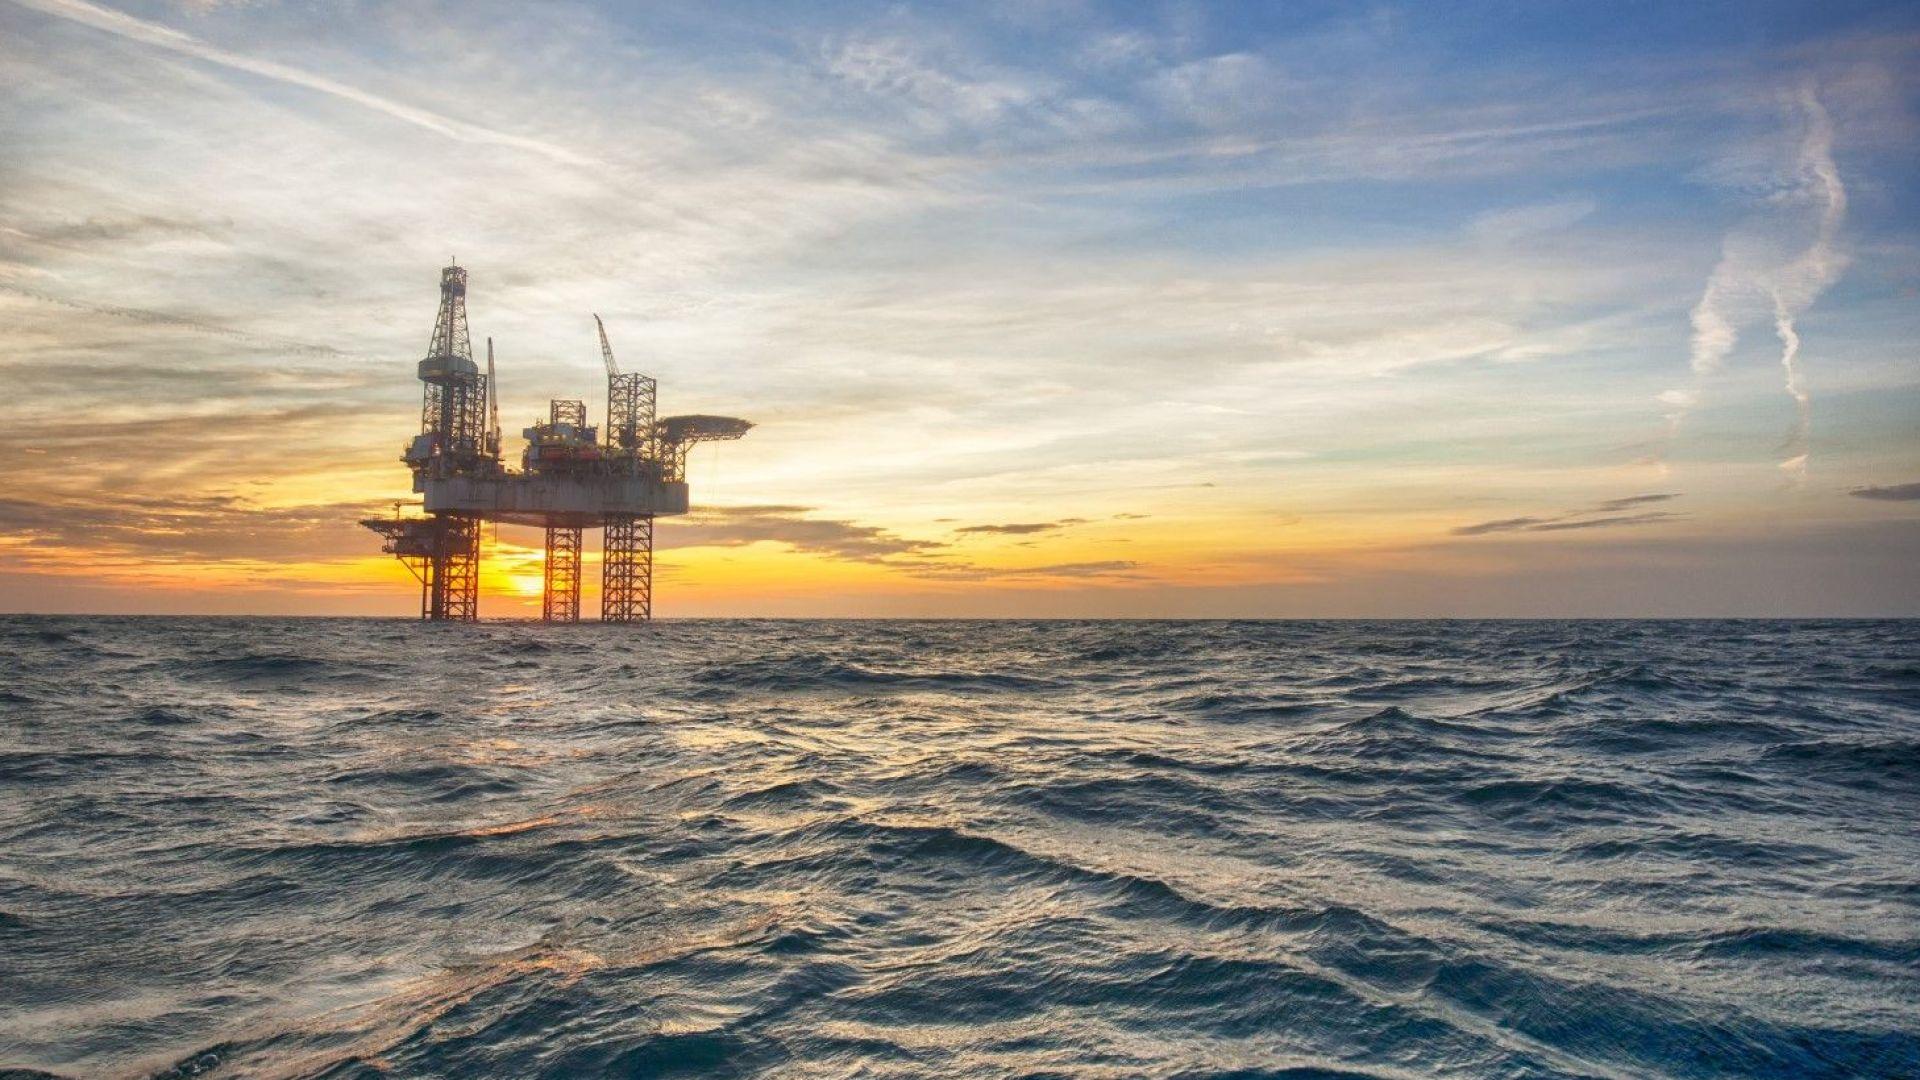 ЕК прогнозира цена на петрол над $80 за барел през 2020 г.